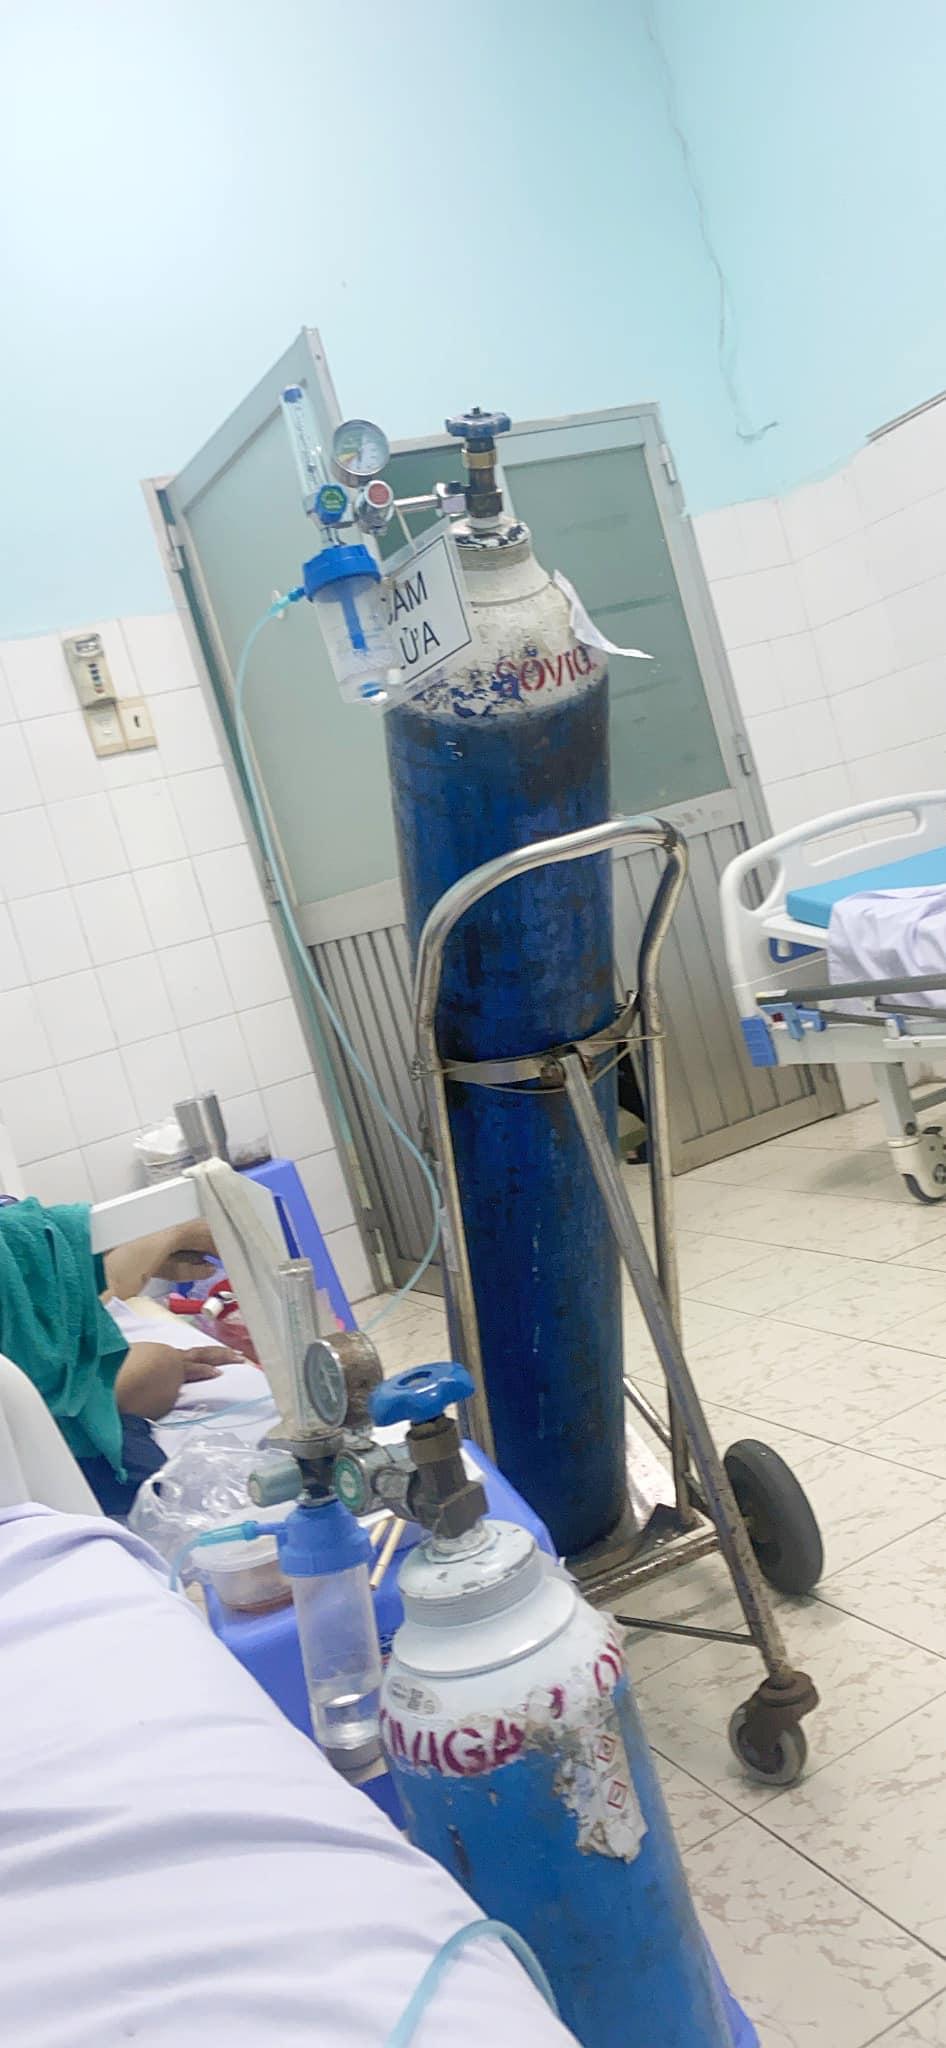 Chuỗi ngày điều trị tại bệnh viện người anh Tùng buộc phải phụ thuộc vào bình oxy.